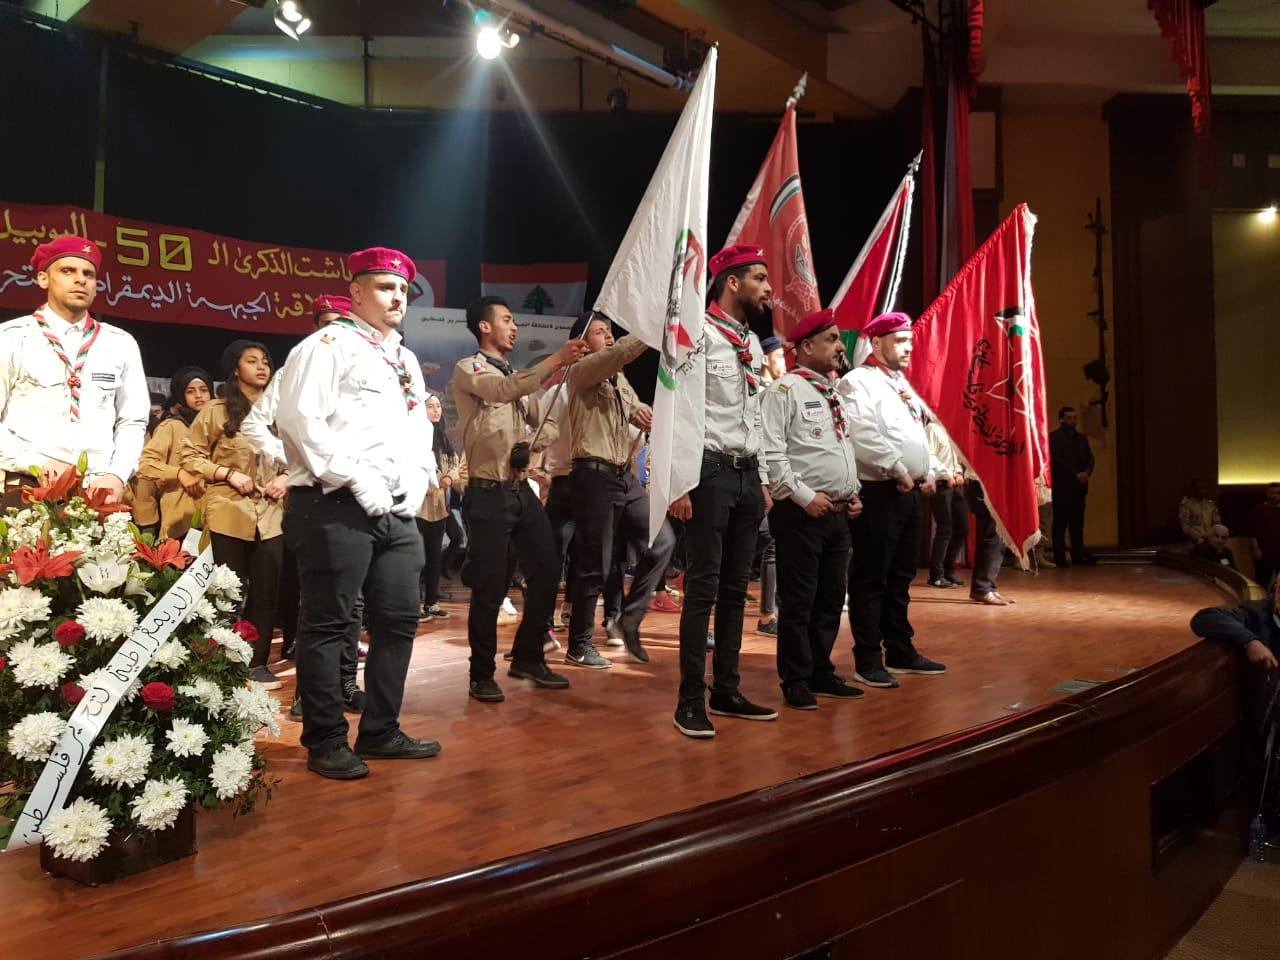 كشافة اشد تشارك في المهرجان الوطني الكبير بذكرى انطلاقة الجبهة الديمقراطية في بيروت